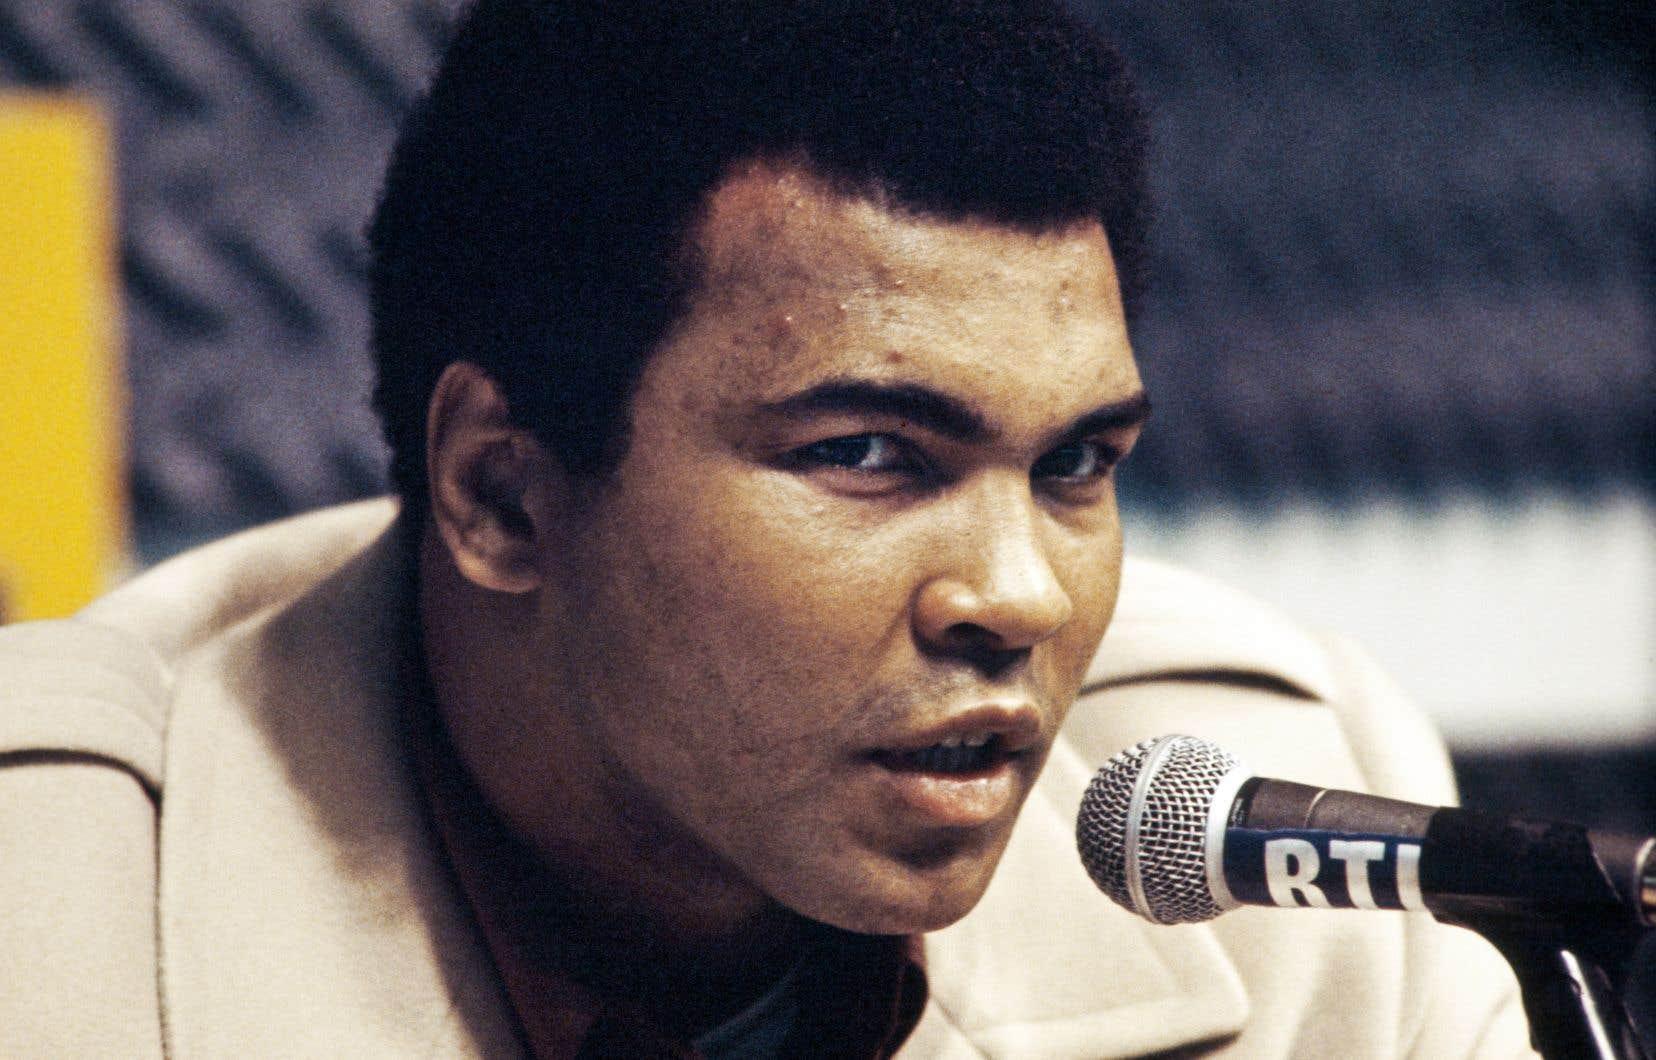 <p>Muhammad Alia refusé de joindre les rangs de l'armée pour la guerre du Vietnam, en se décrivant comme un objecteur de conscience. Il a été reconnu coupable d'insoumission.</p>